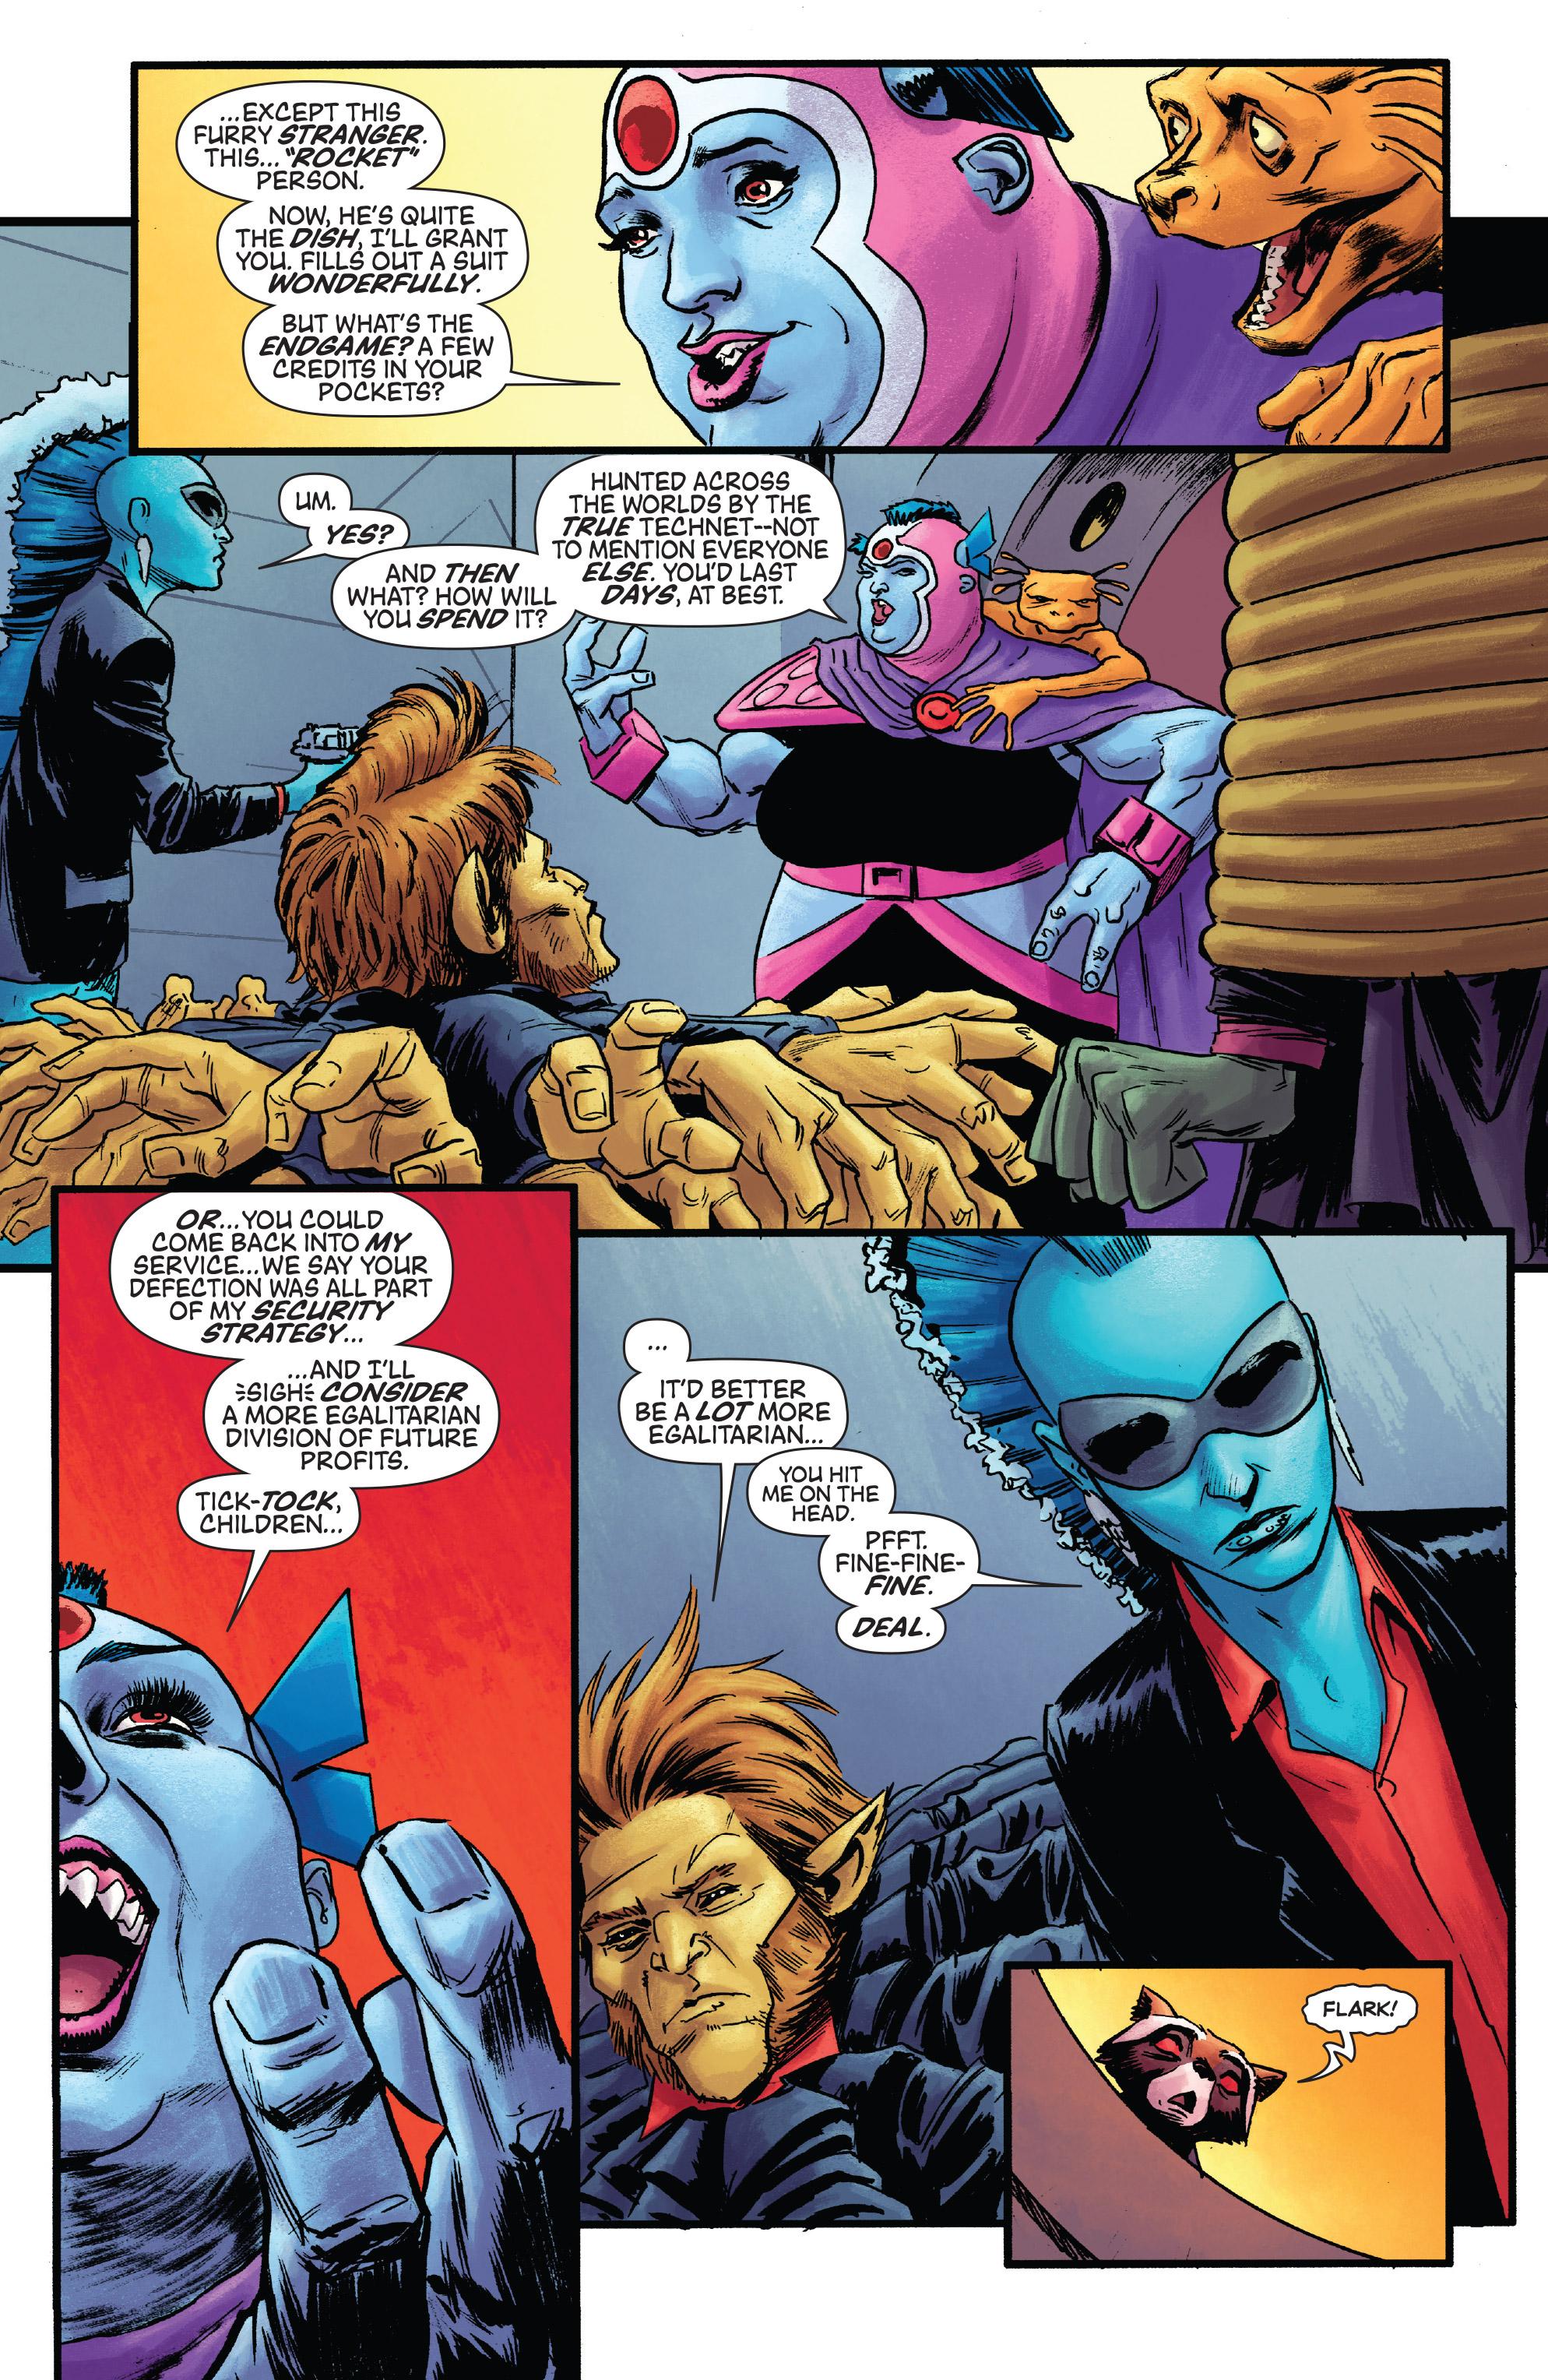 Read online Rocket comic -  Issue #2 - 11